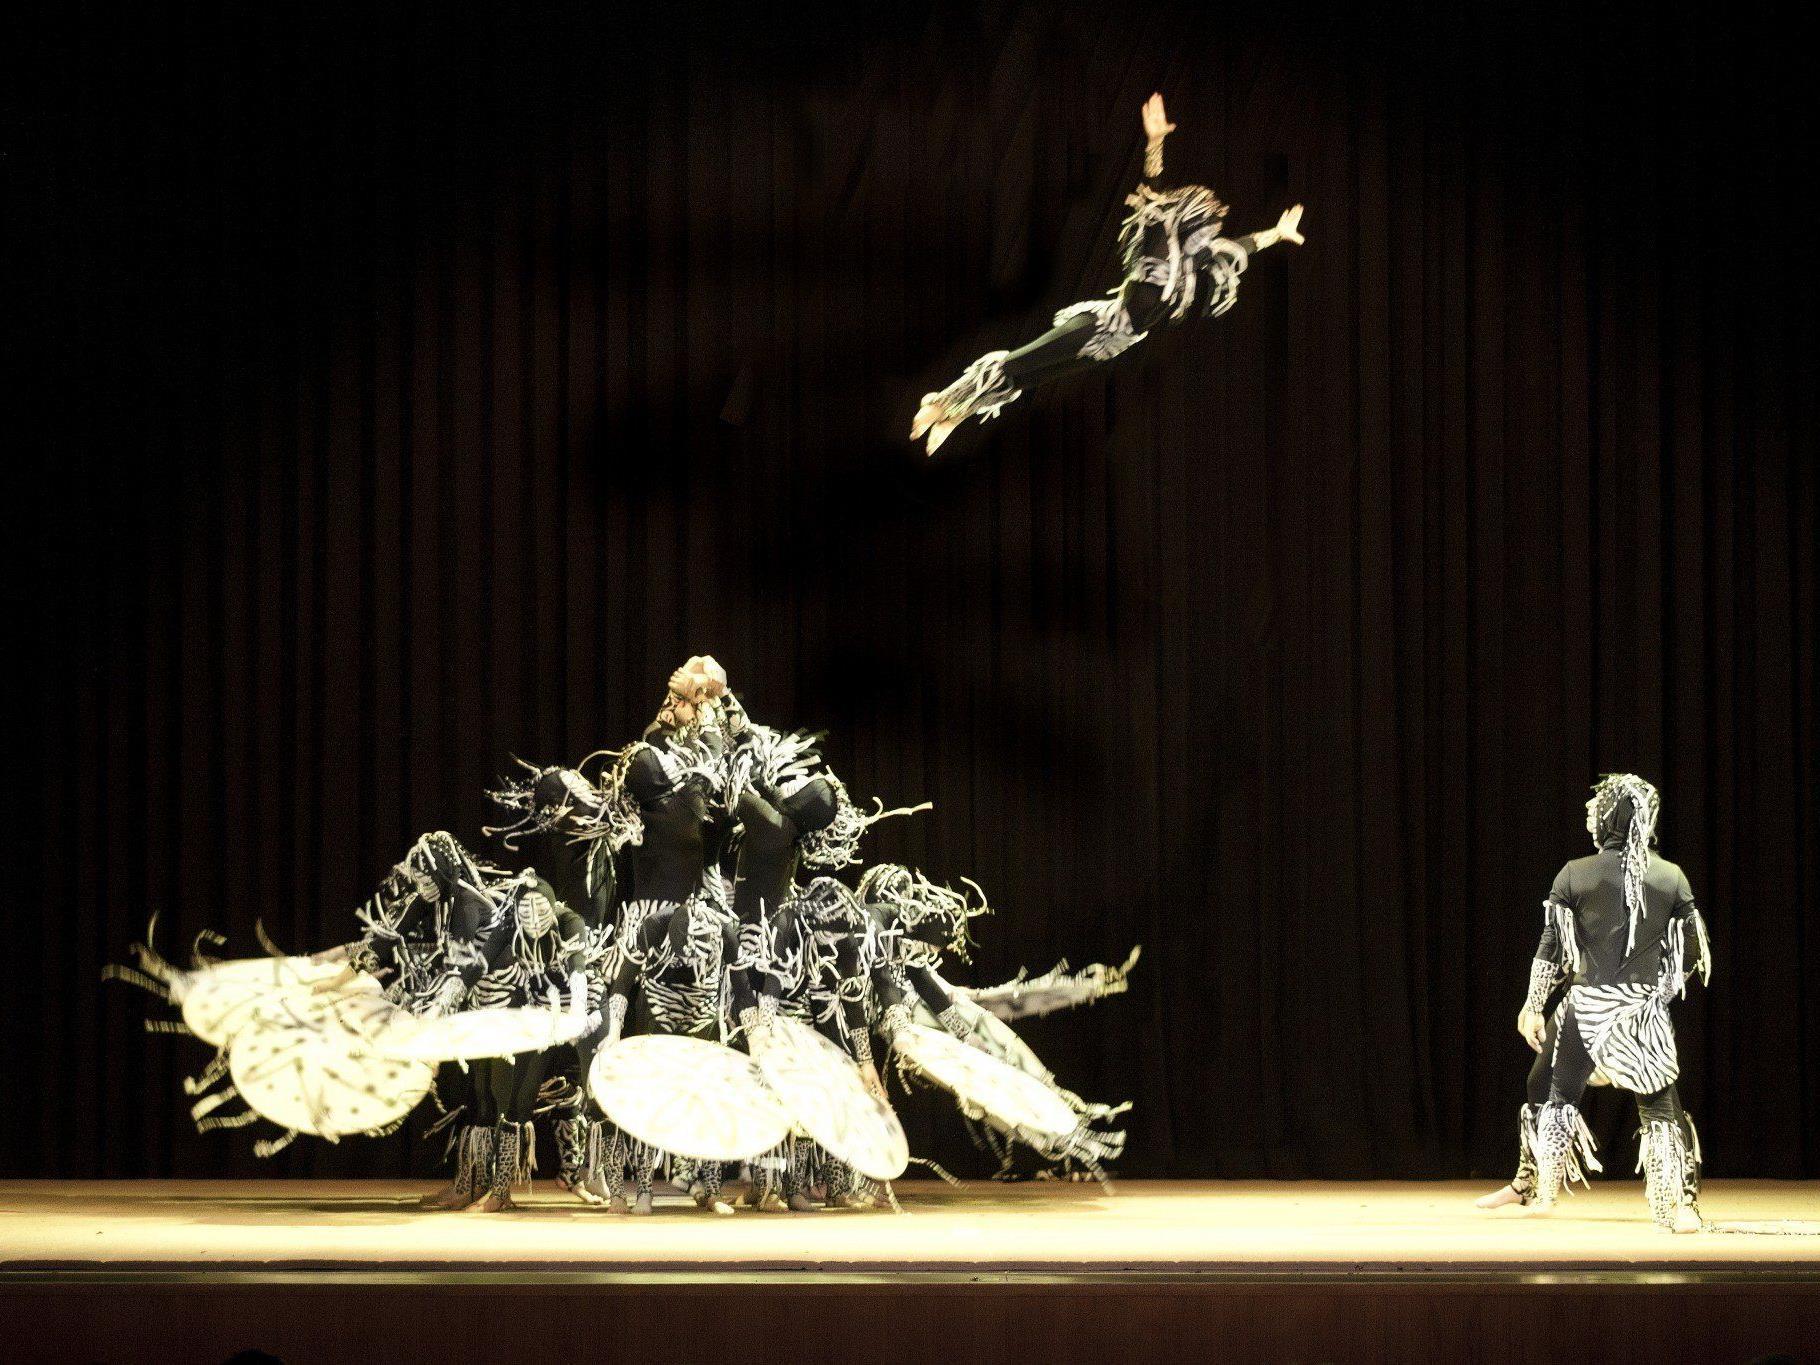 Beim Preisjassen am Sonntag kommt der Erlös der Akrobatikgruppe Zurcaroh zugute